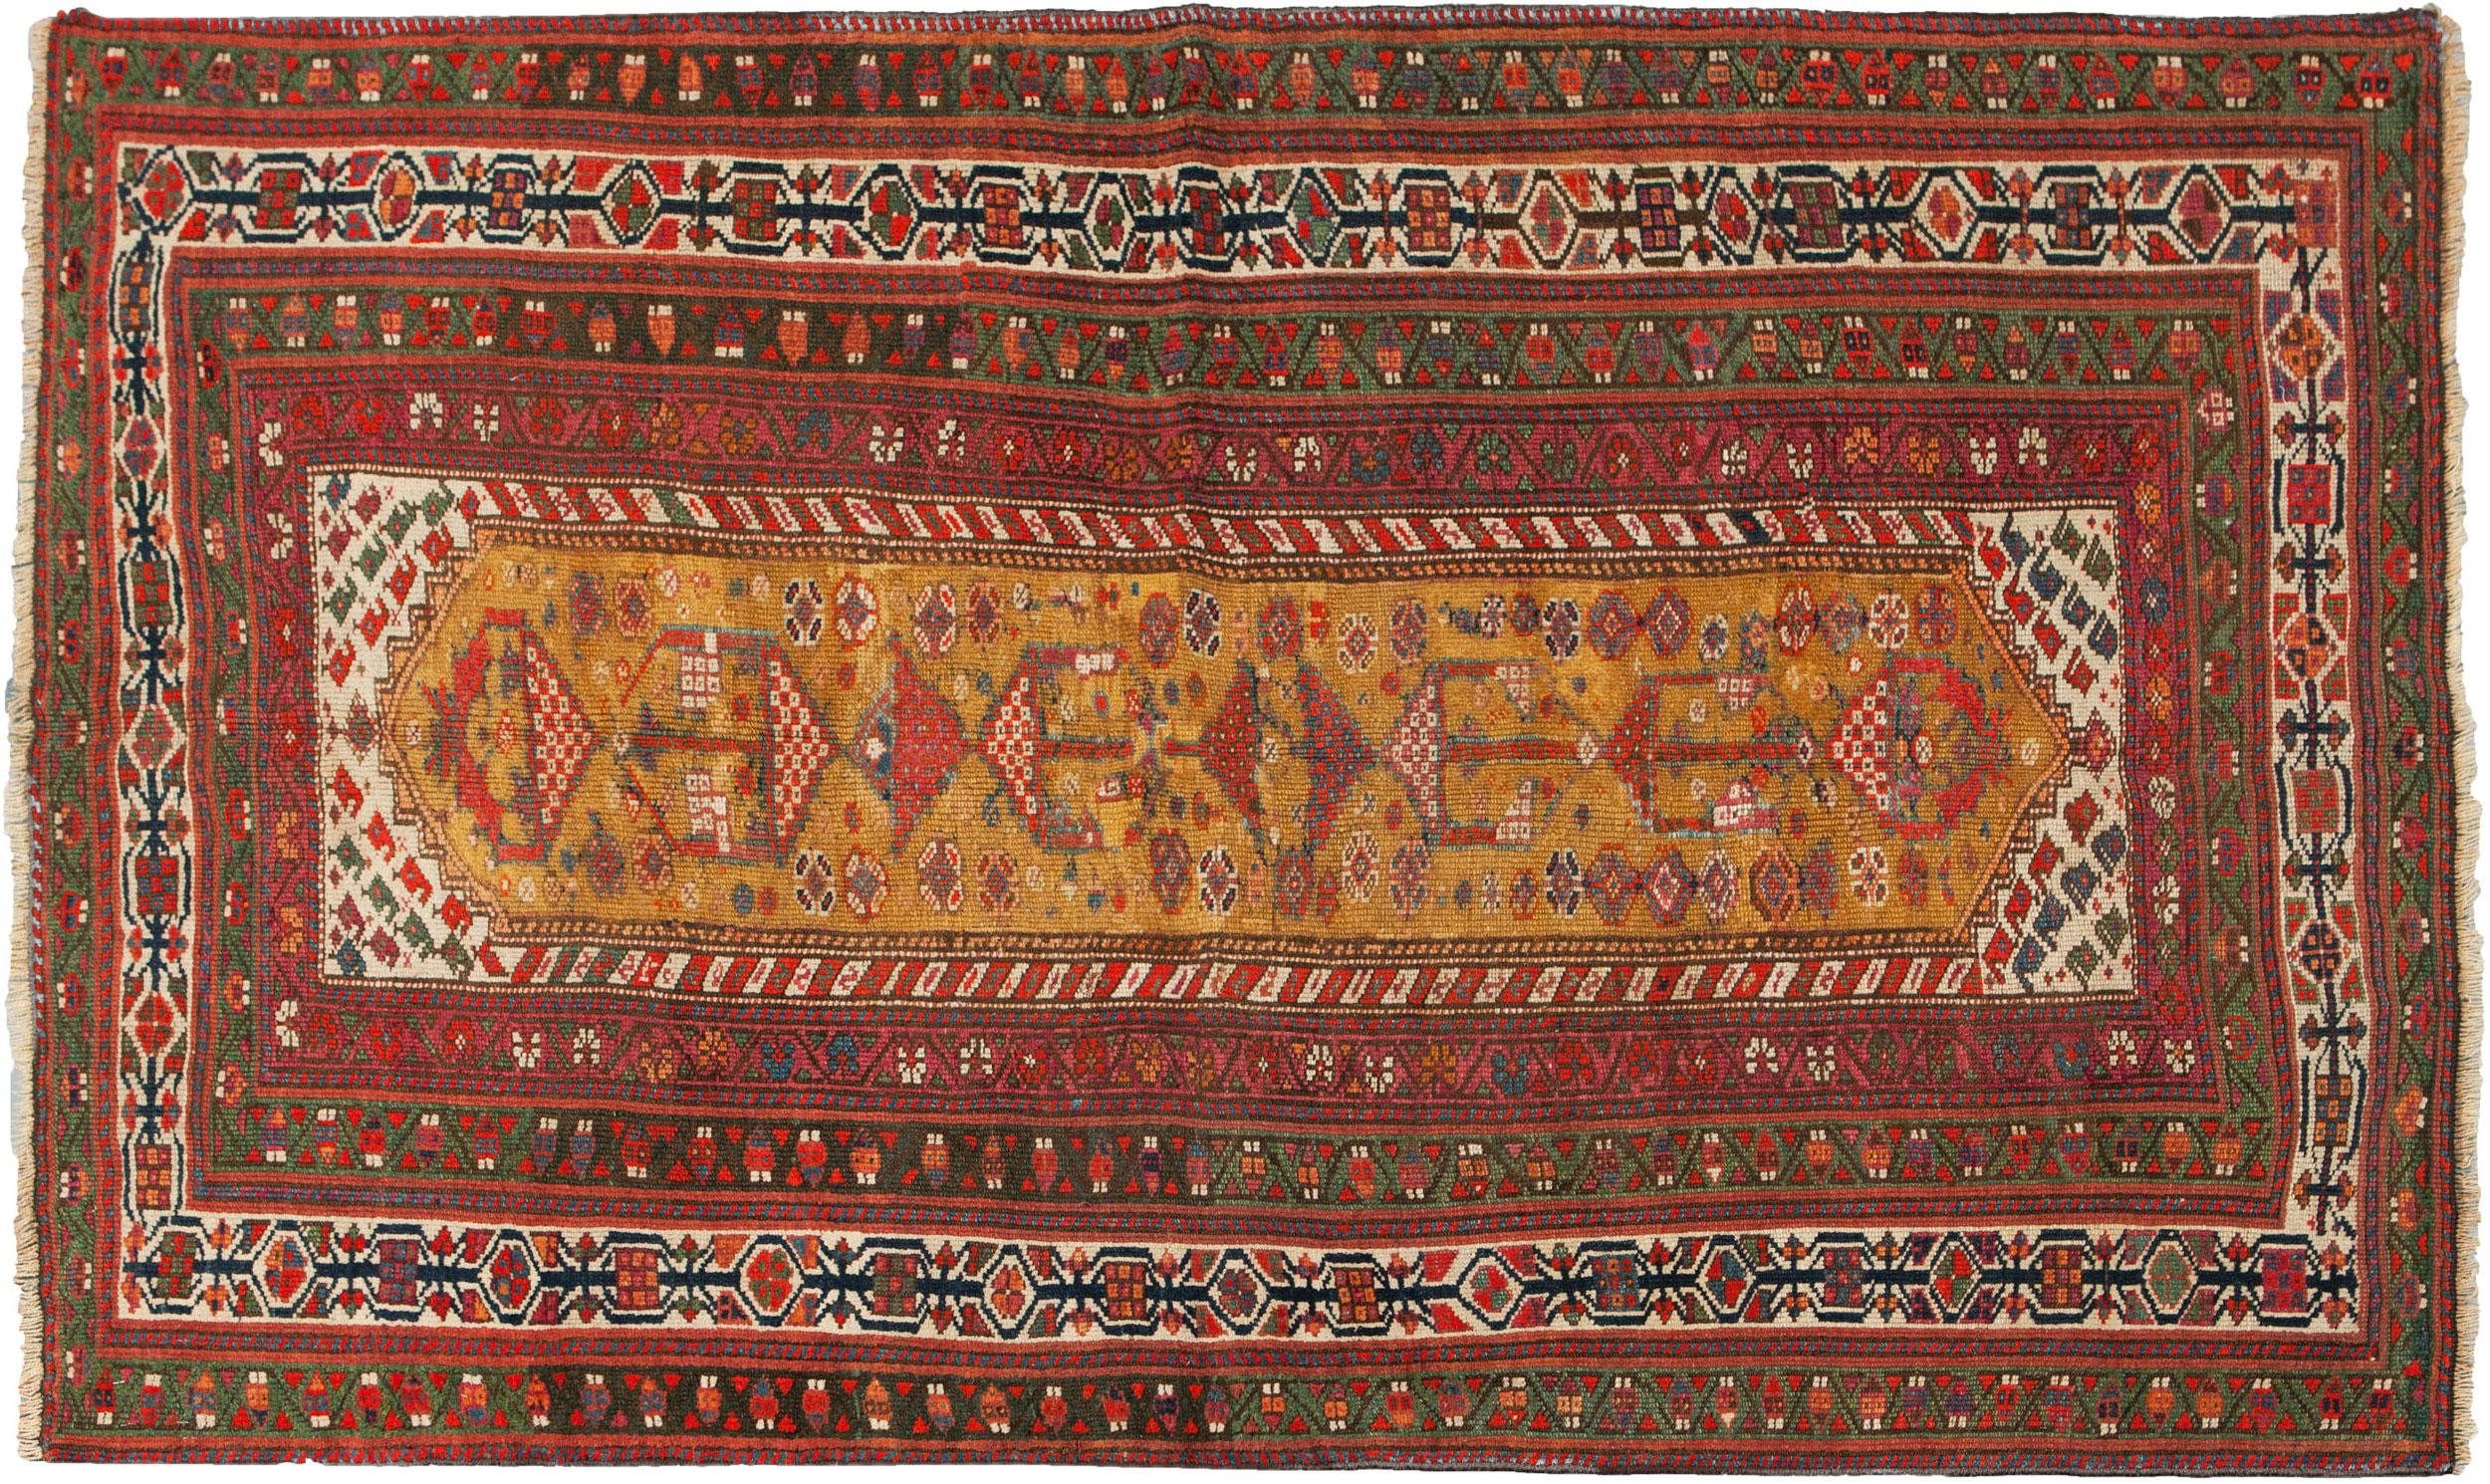 Antique Kordi Rug 205x135cm